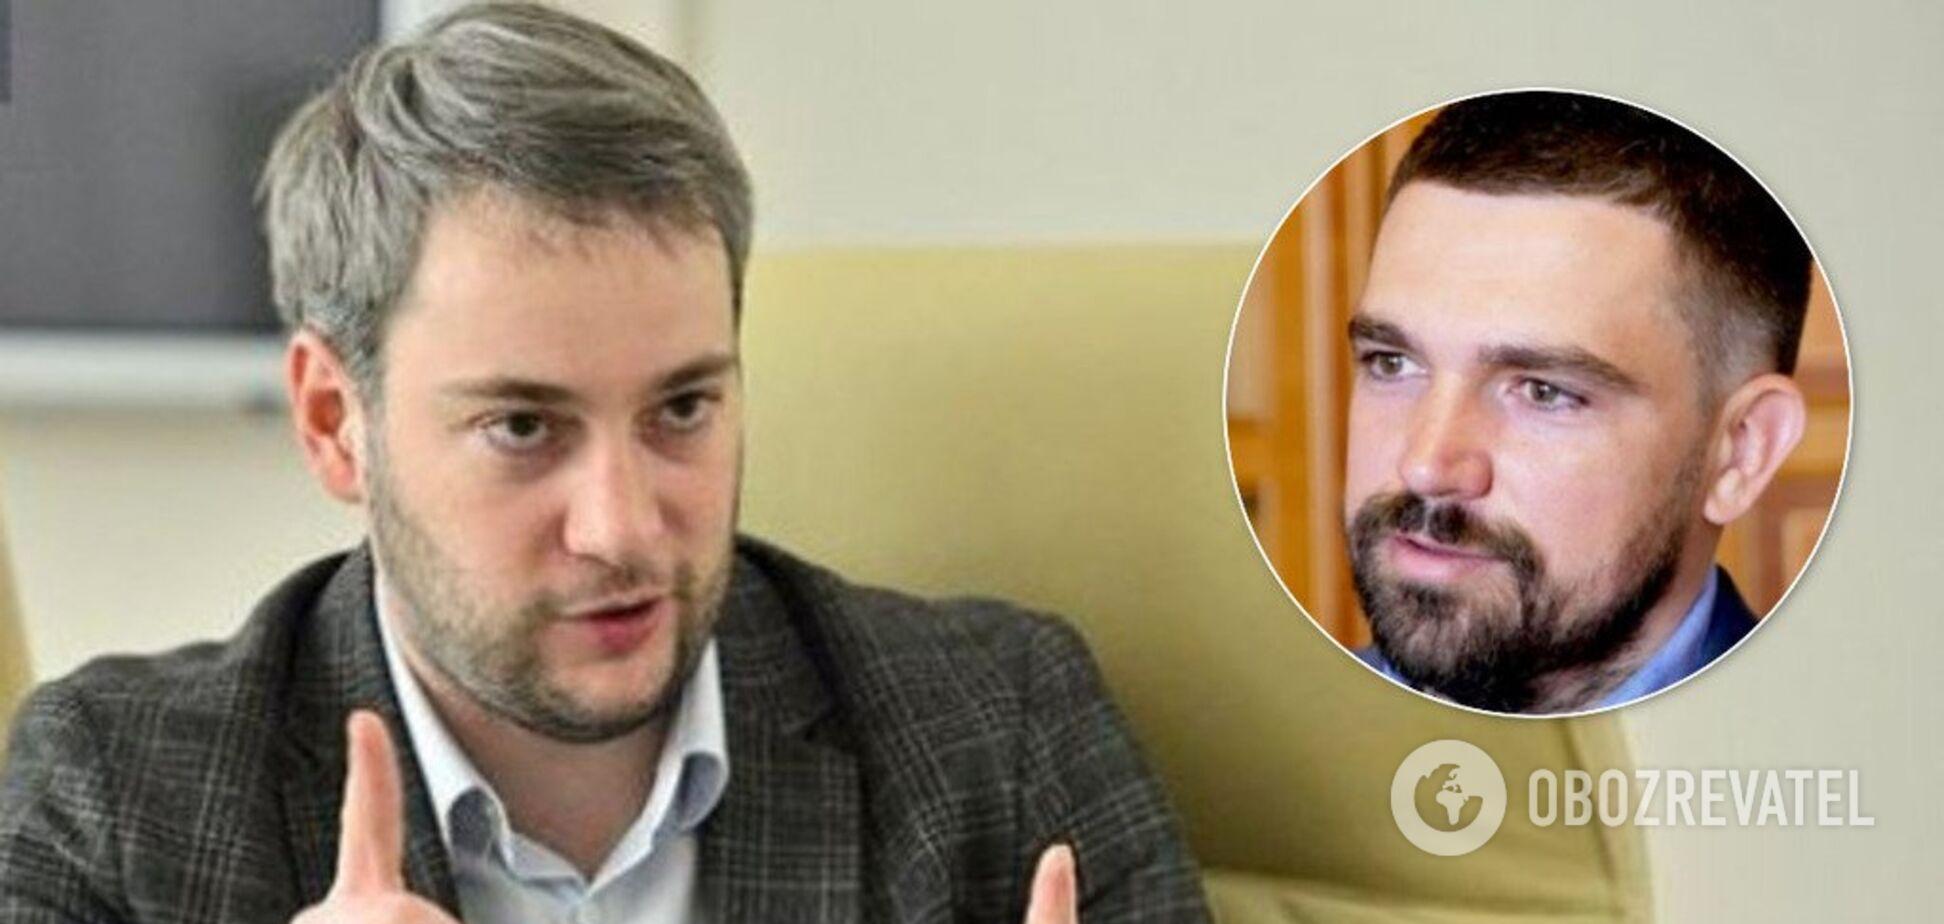 Звільнений Зеленським Бно-Айріян натякнув, що Трофімов – 'куратор корупції' регіонів України